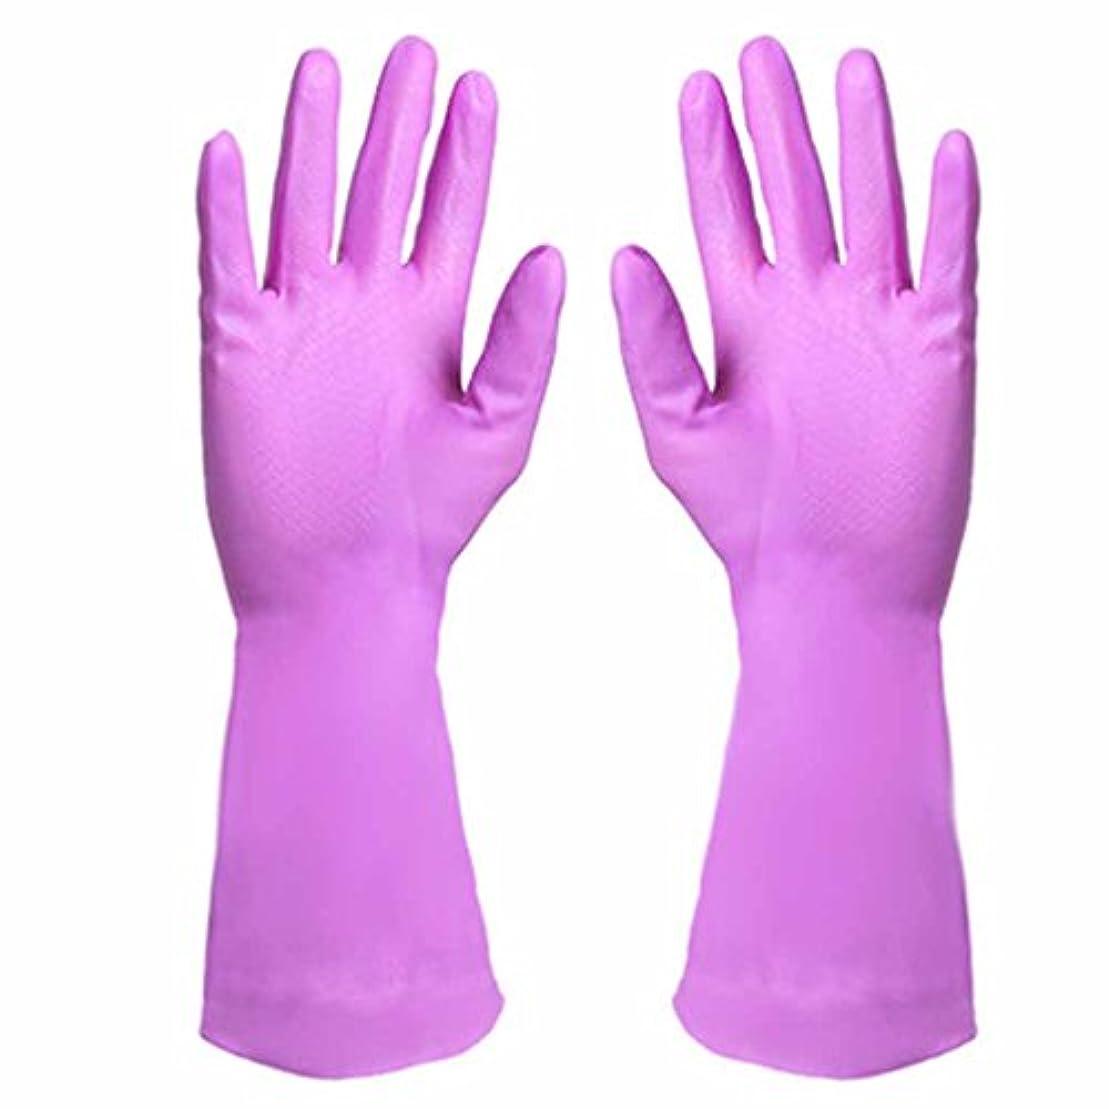 首シーサイド腫瘍使い捨て手袋 PVCソフト防油防水手袋キッチン耐久性汚れ手袋 (Color : Purple)